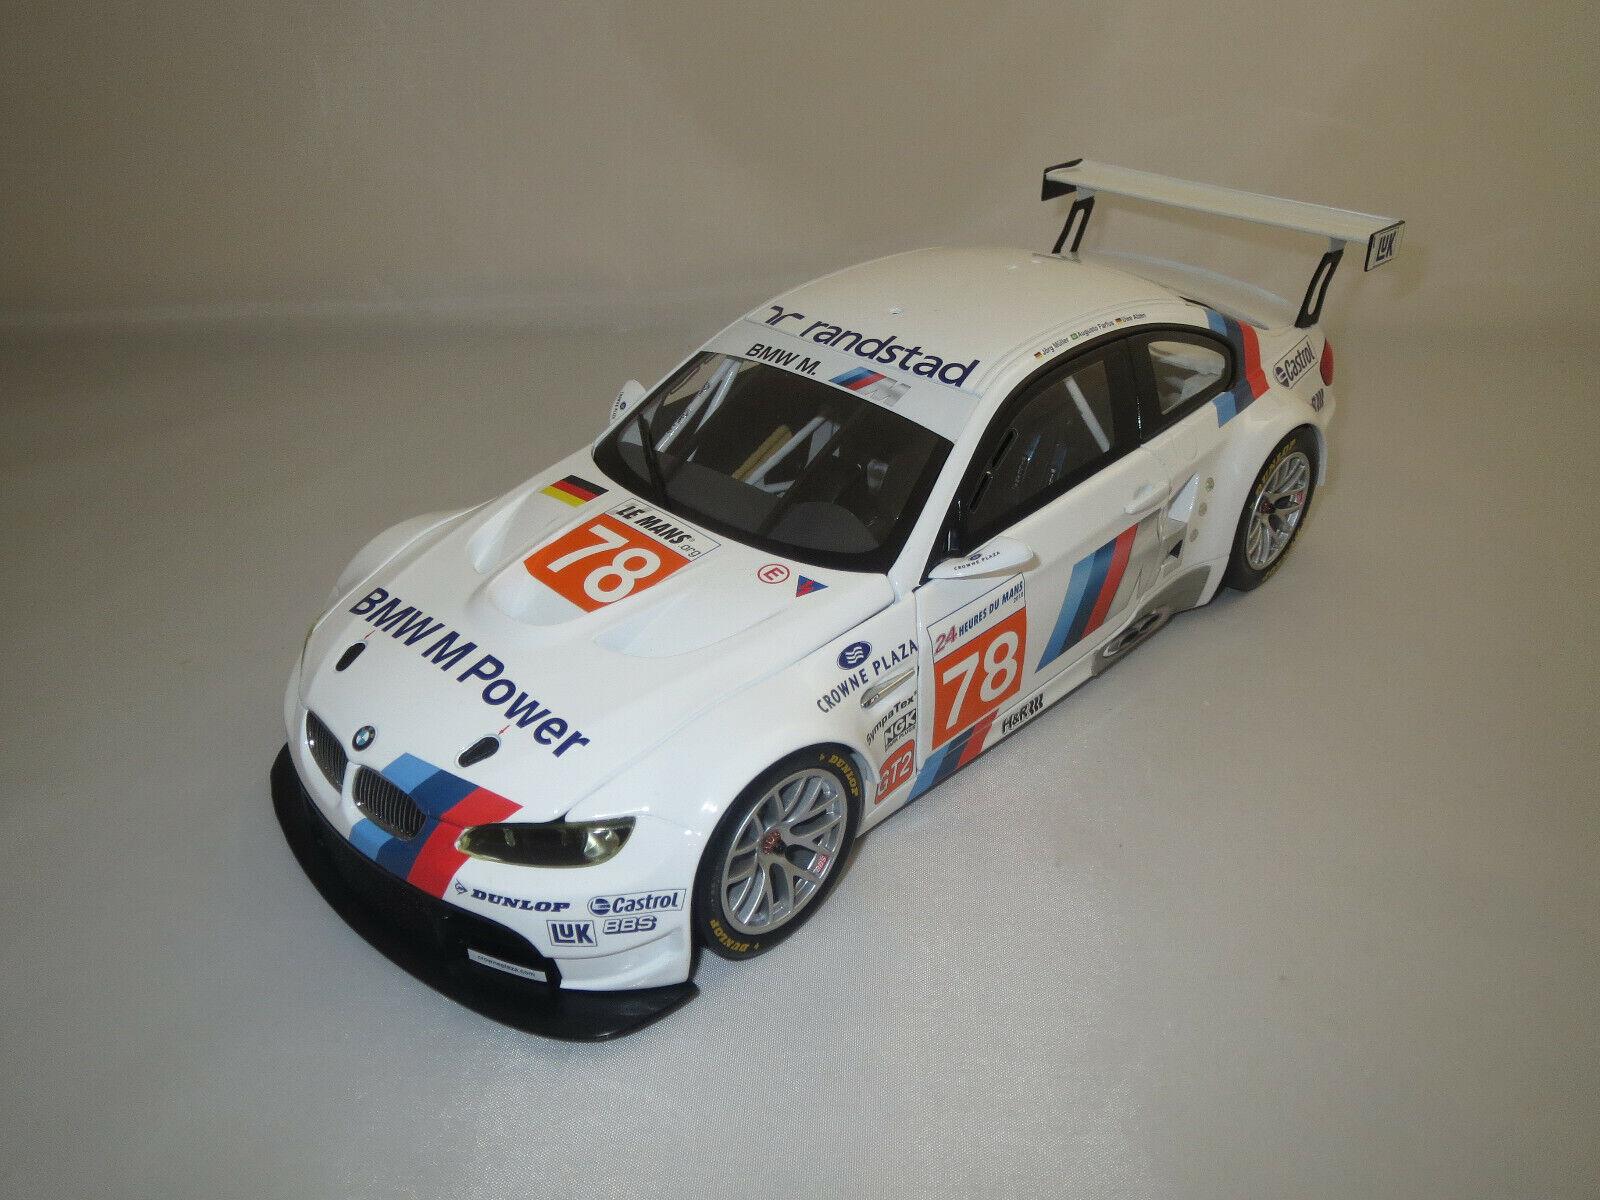 MINICHAMPS BMW m3 gt2  Mueller  Farfus Alzen  (Le Mans 2010  78) 1 18 neuf dans sa boîte  prix de gros